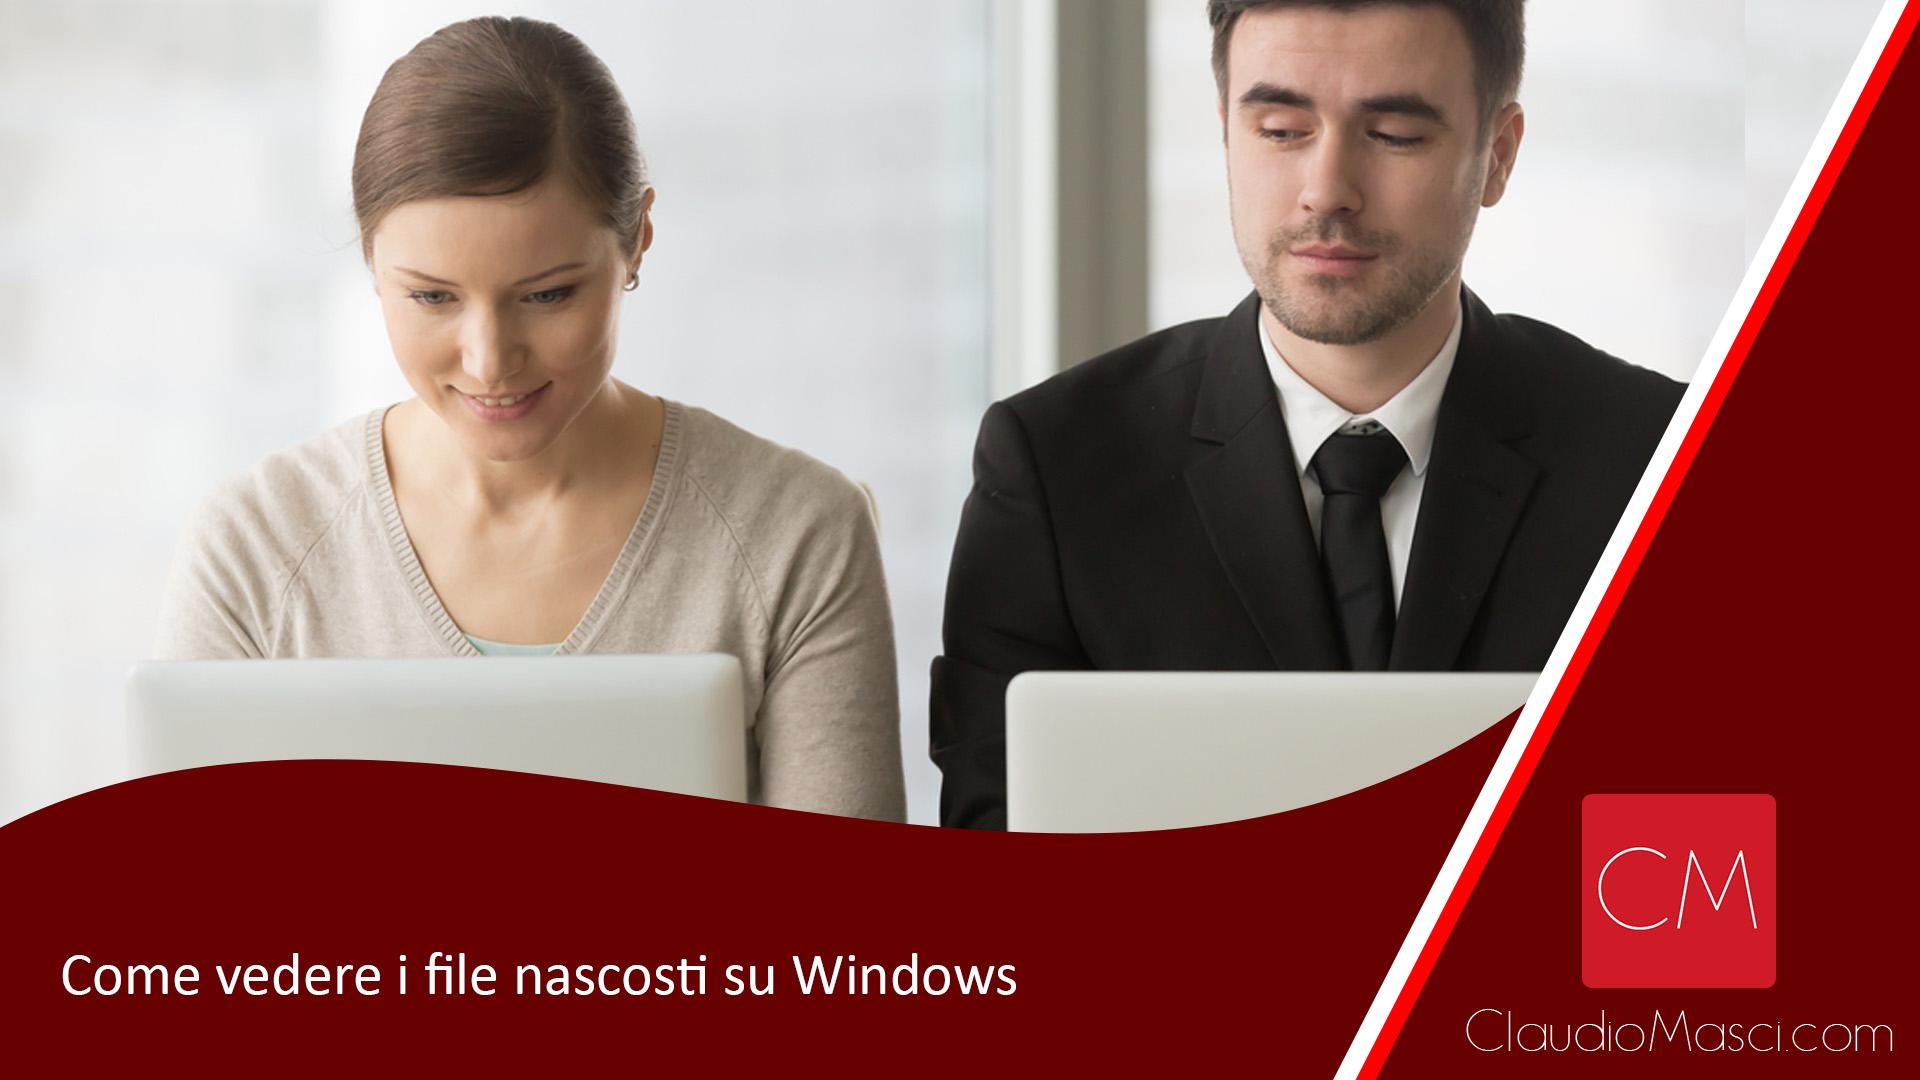 Come vedere i file nascosti su Windows